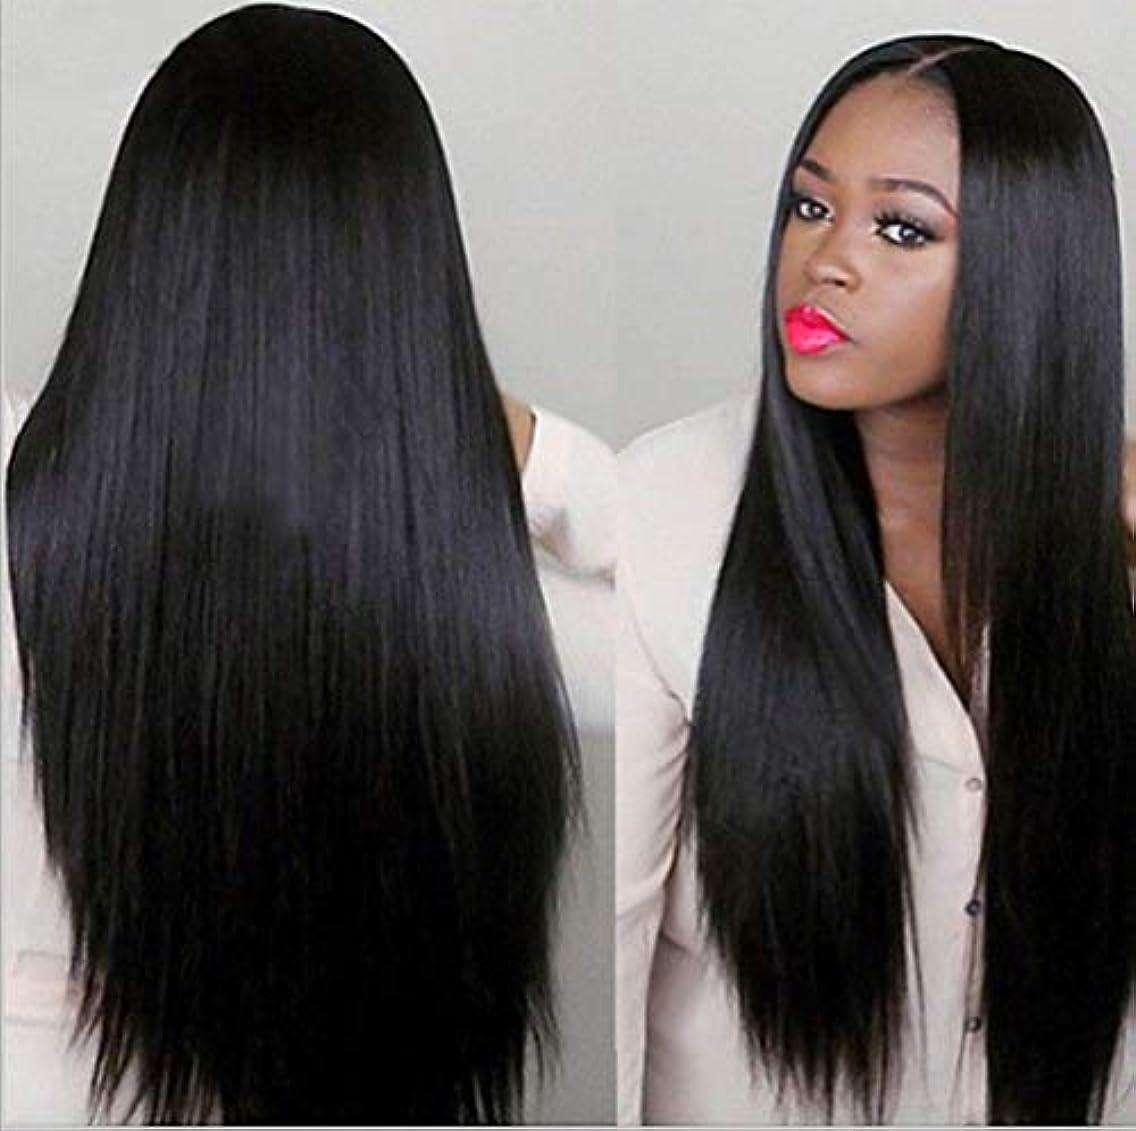 屈辱するバリケード詐欺師女性150%密度ウィッグブラジルレミー人毛ストレートヘアレースウィッグベビーヘア付きブラック70cm